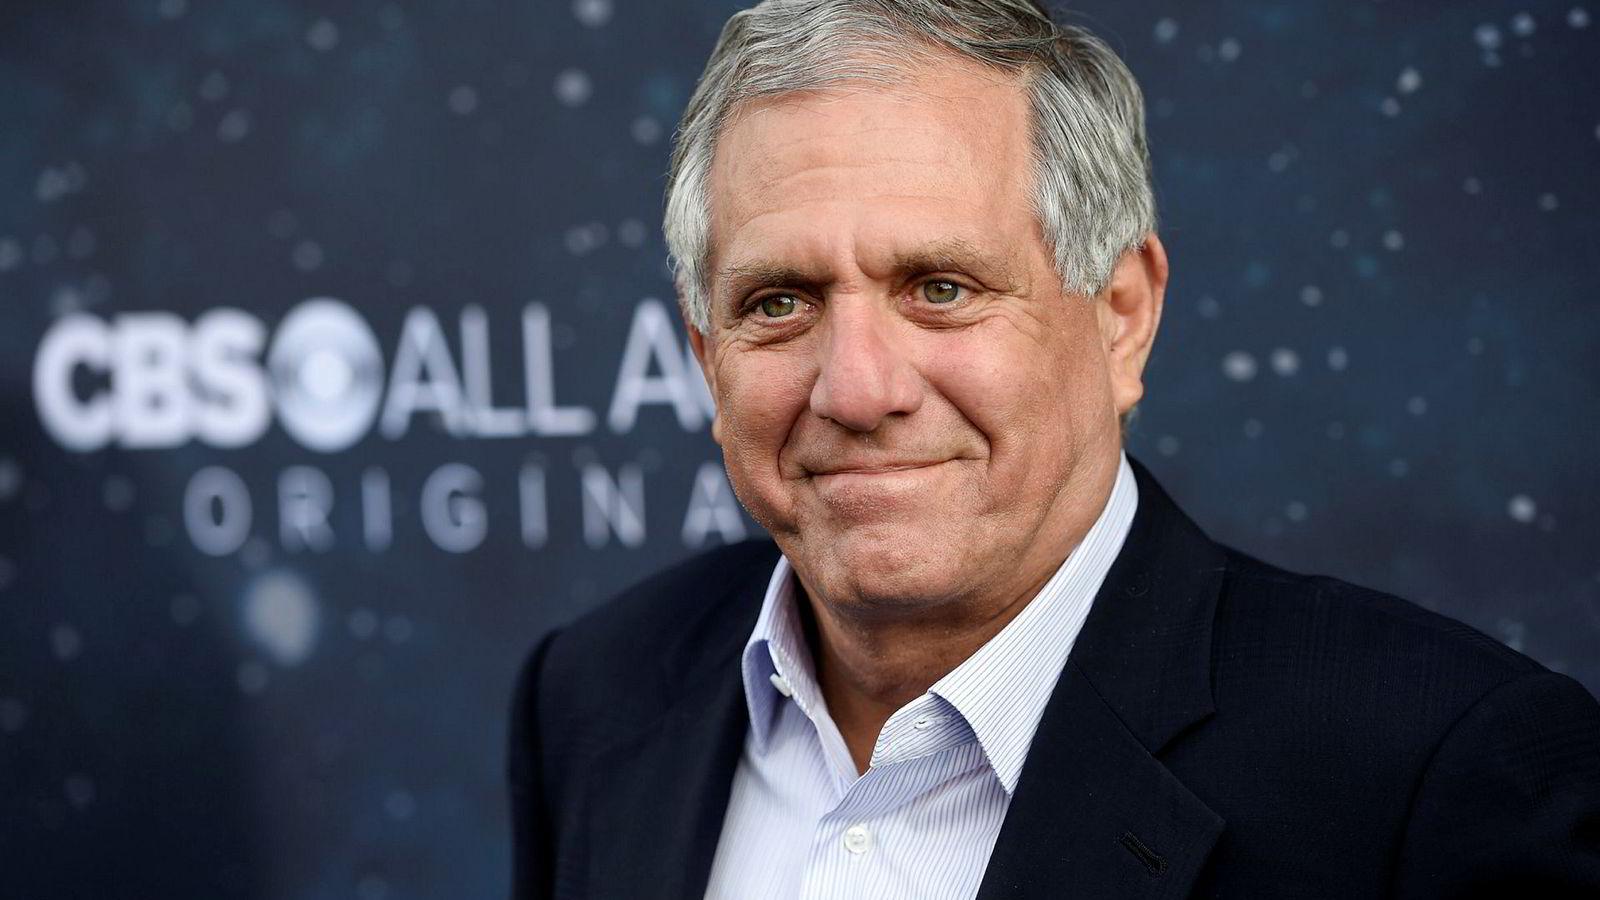 Les Moonves går av som styreleder og konsernsjef i CBS etter anklager om seksuelle overgrep.